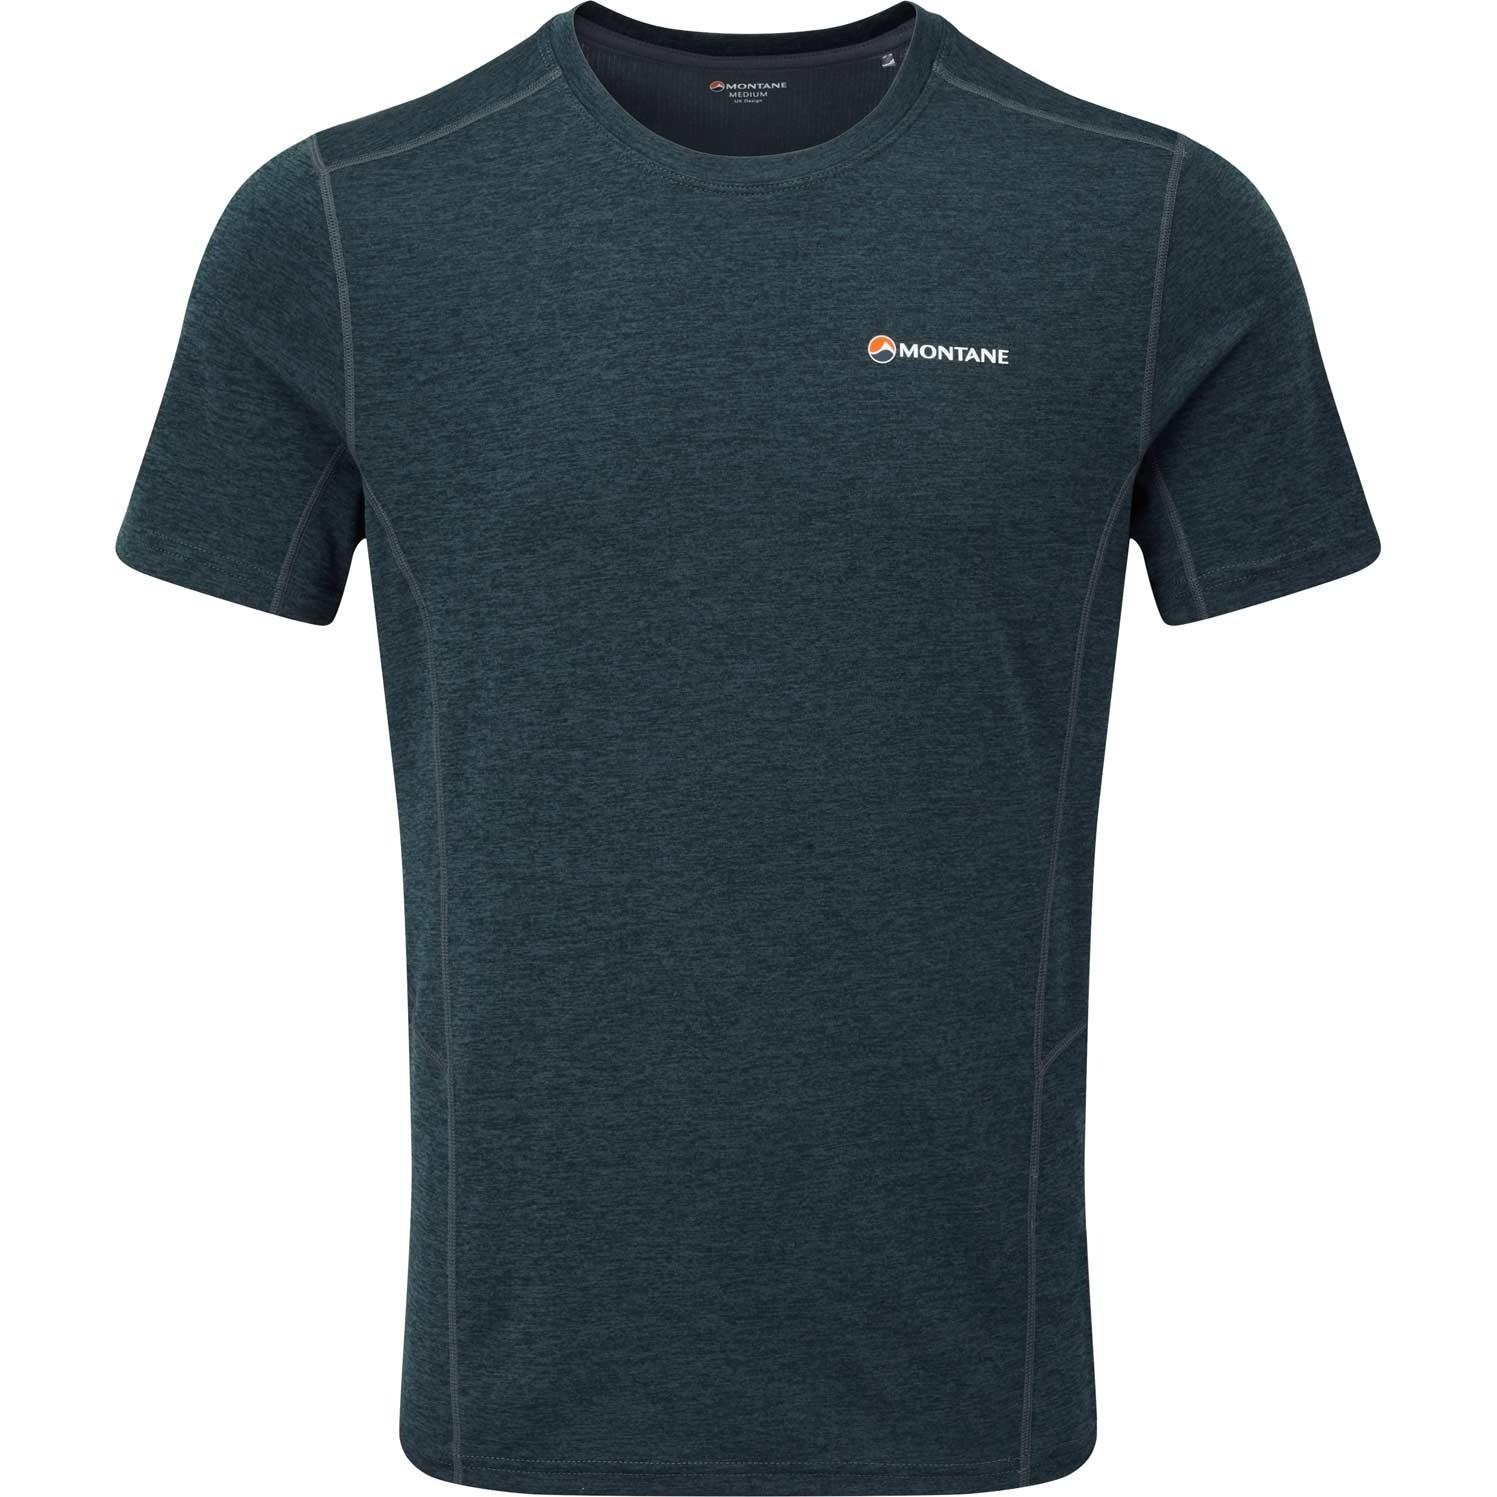 Montane Dart Men's T-shirt - Men's - Orion Blue